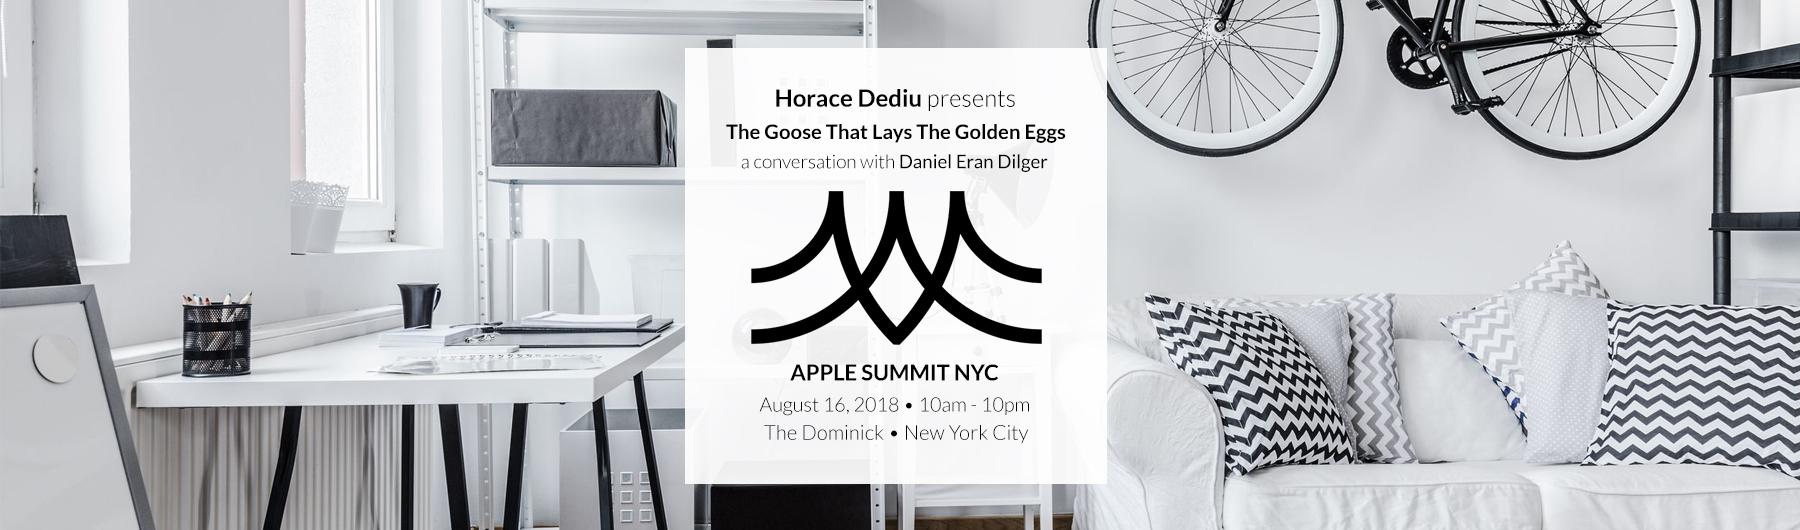  Apple Summit NYC